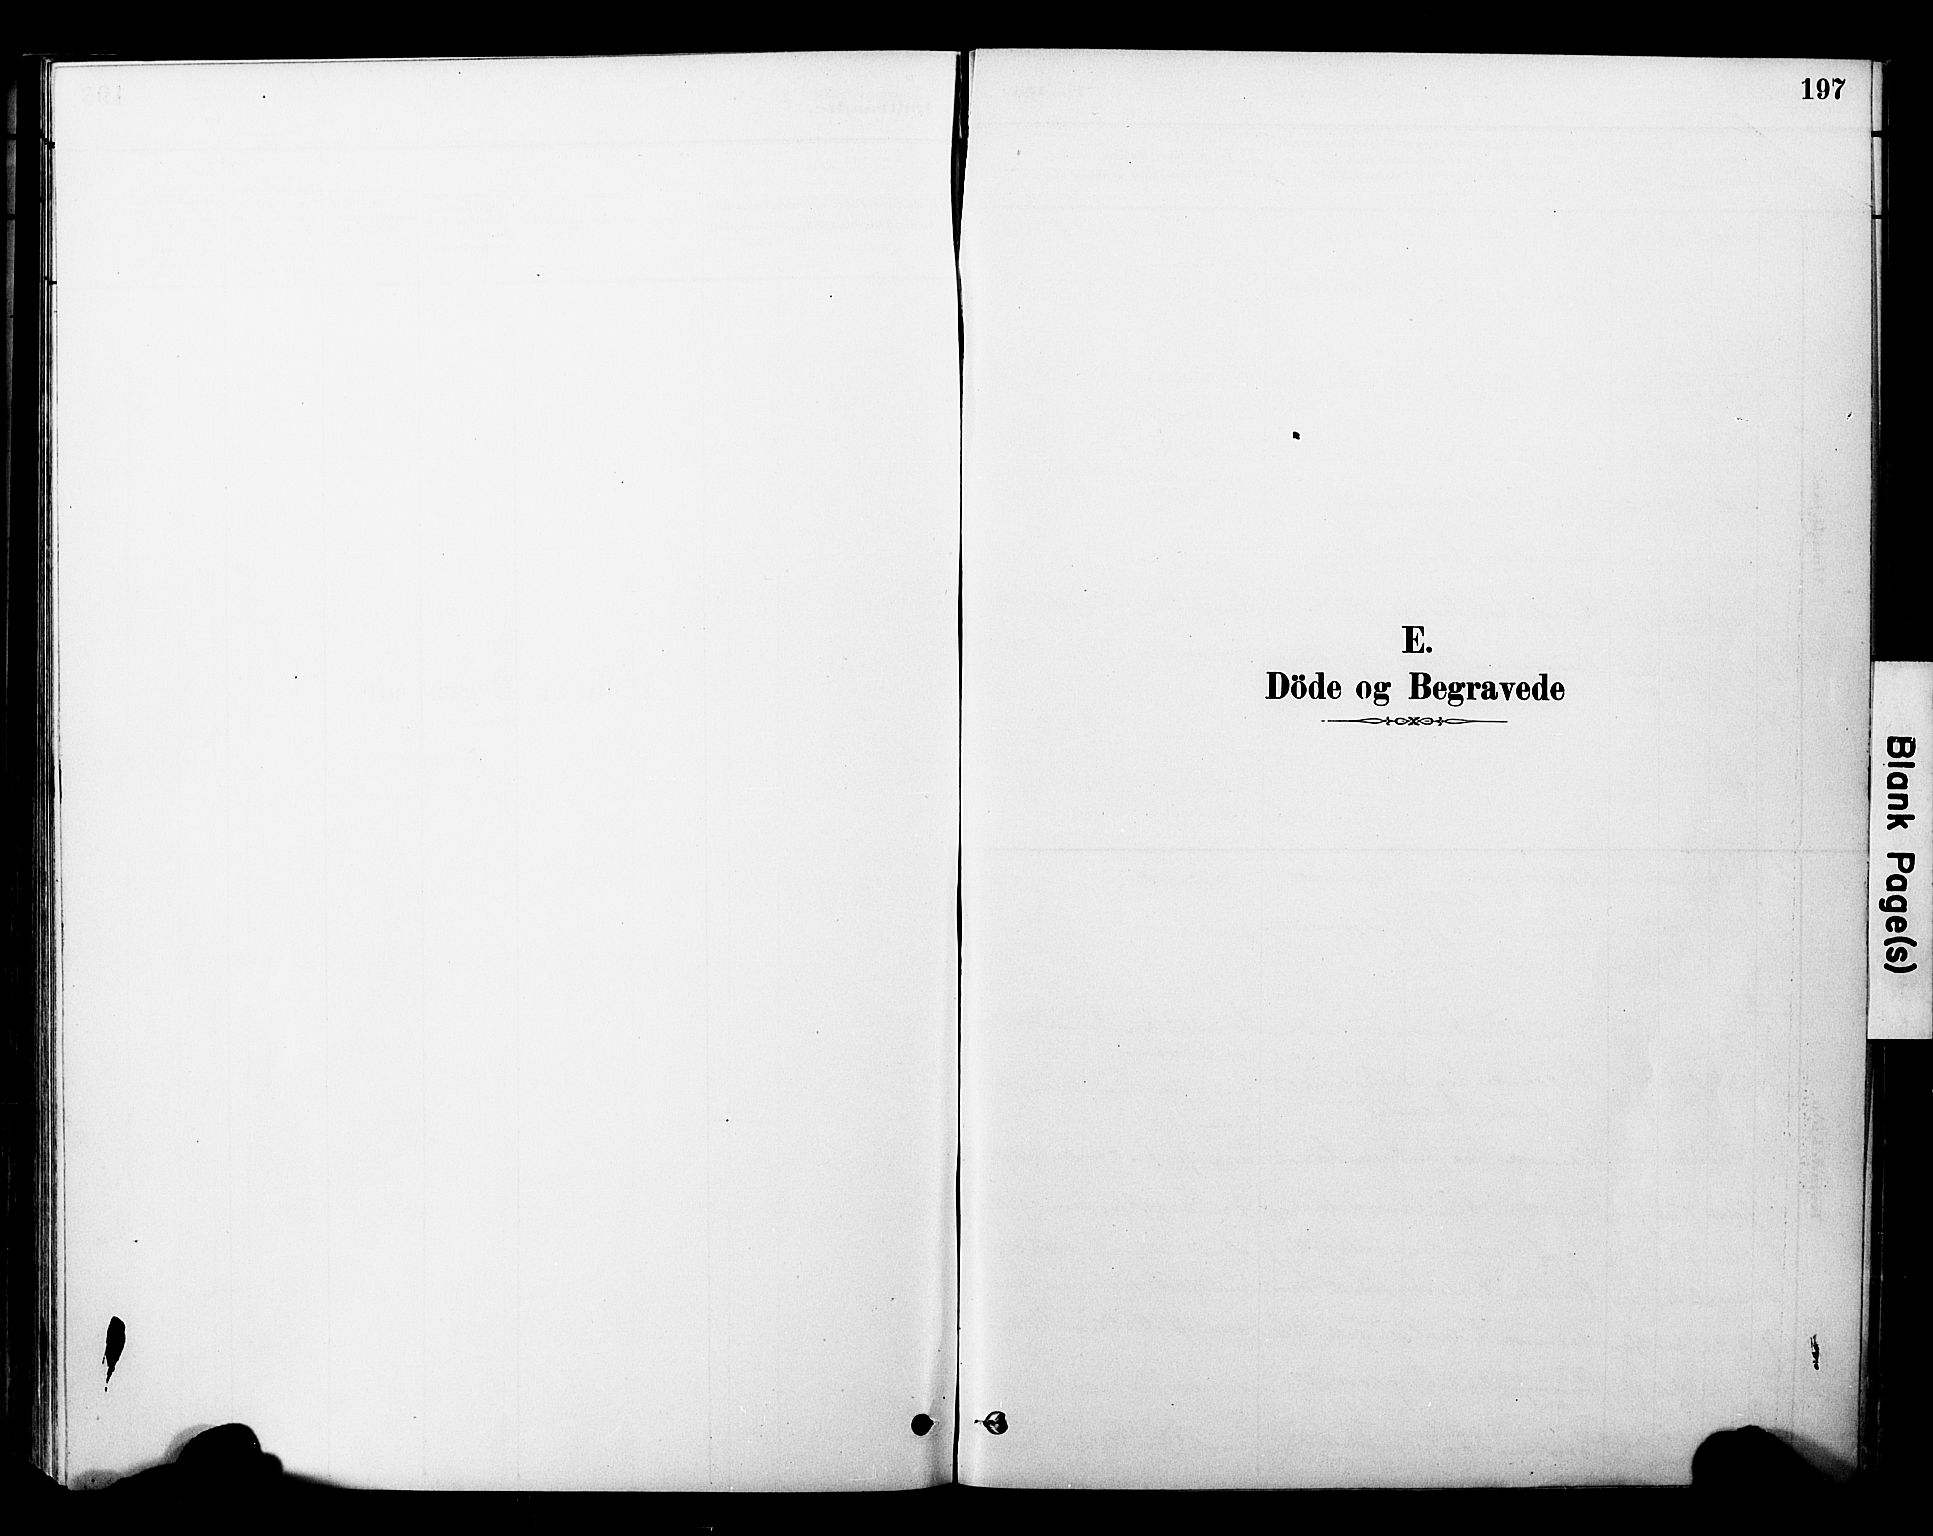 SAT, Ministerialprotokoller, klokkerbøker og fødselsregistre - Nord-Trøndelag, 757/L0505: Ministerialbok nr. 757A01, 1882-1904, s. 197